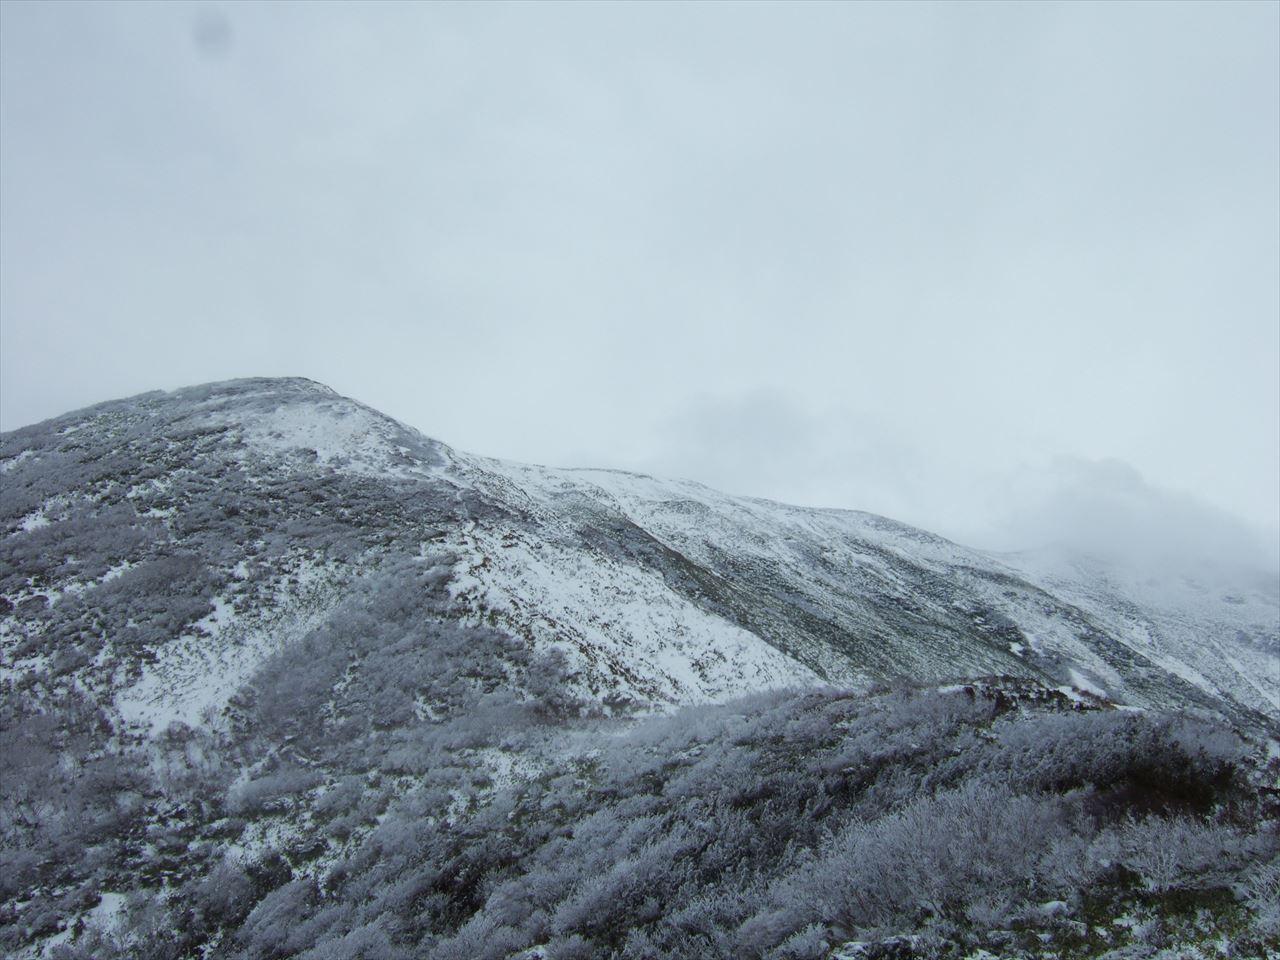 平標山 雪が降る年末 いつもと同じ白い雪にああ撤退 日帰り登山(2015.12.23)